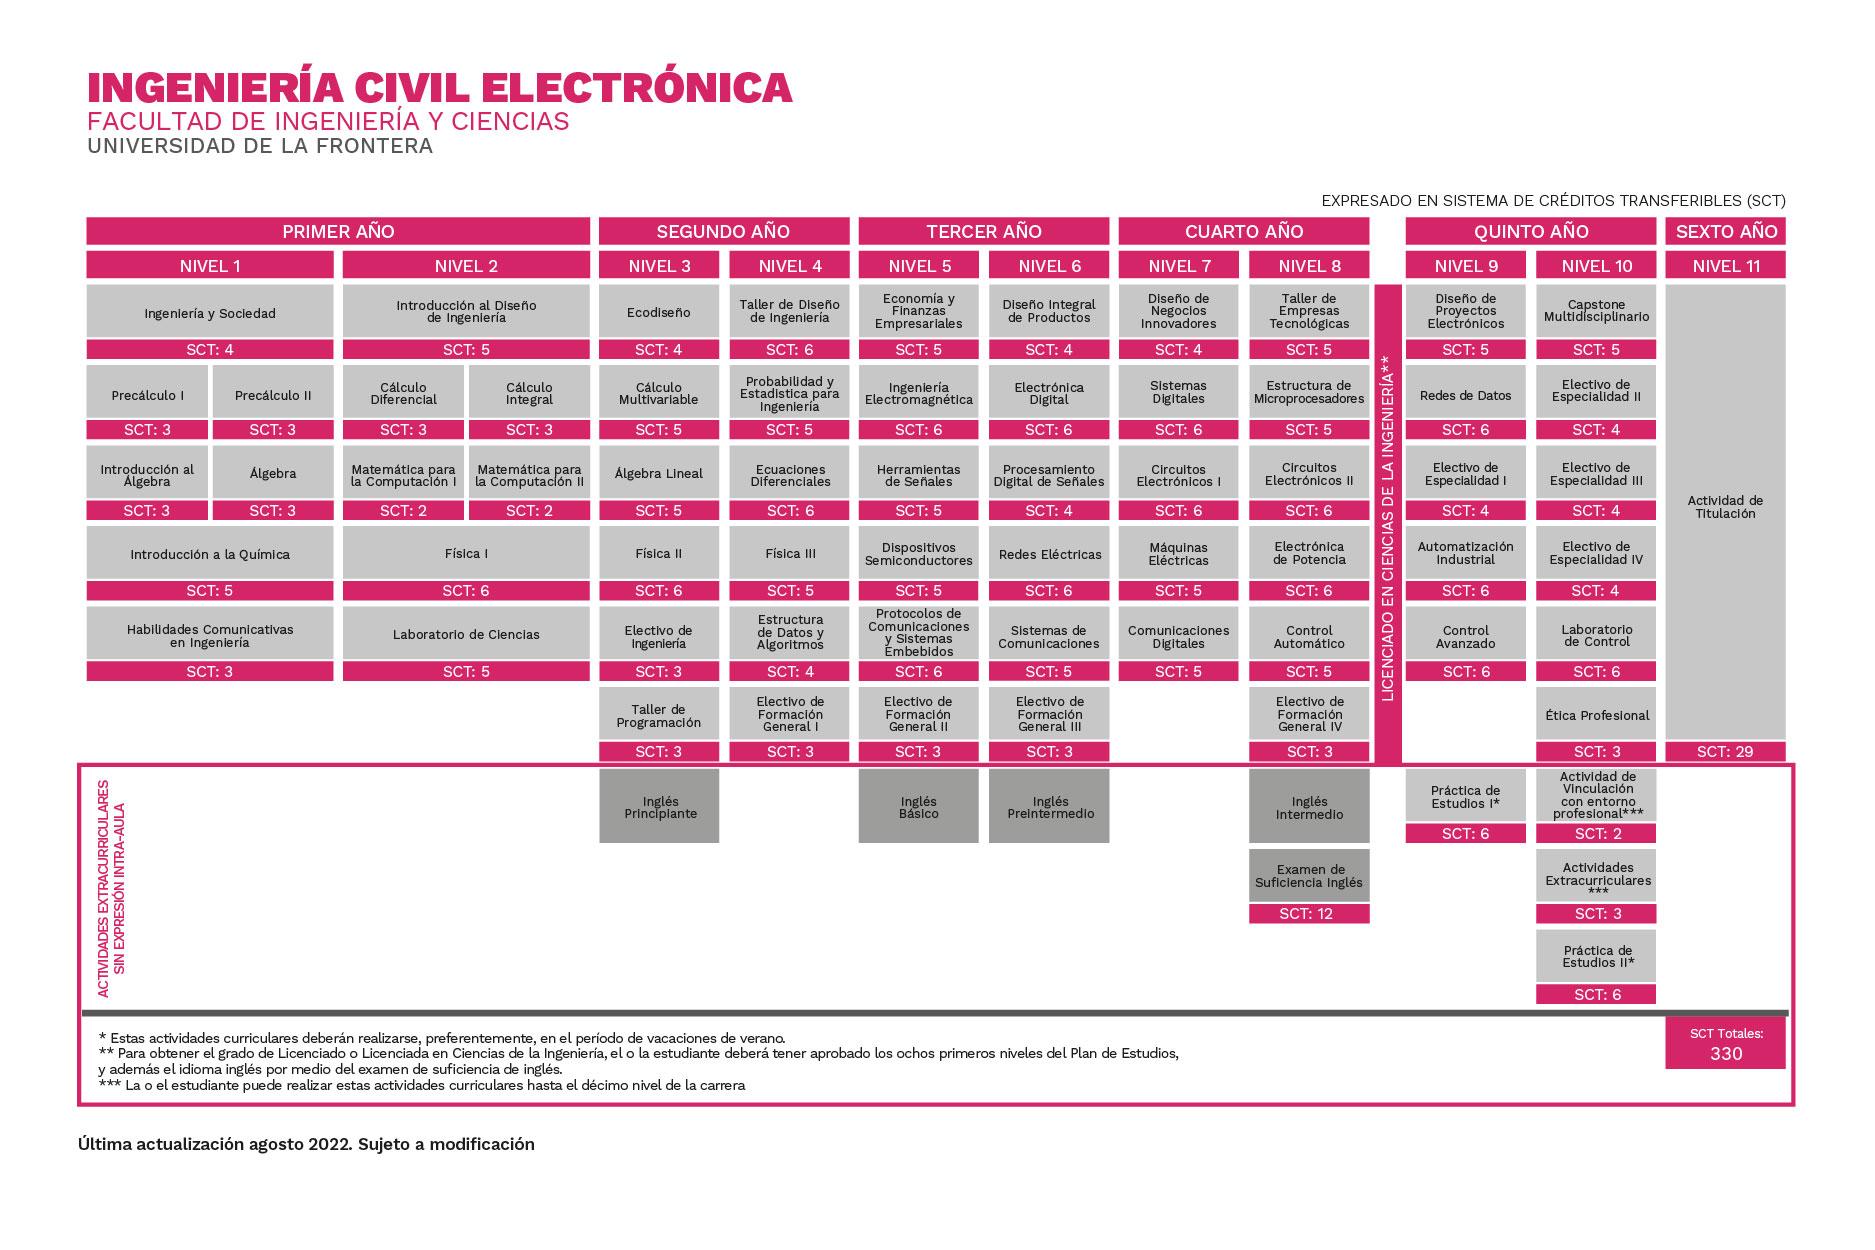 Plan de Estudios Ingeniería Civil Electrónica